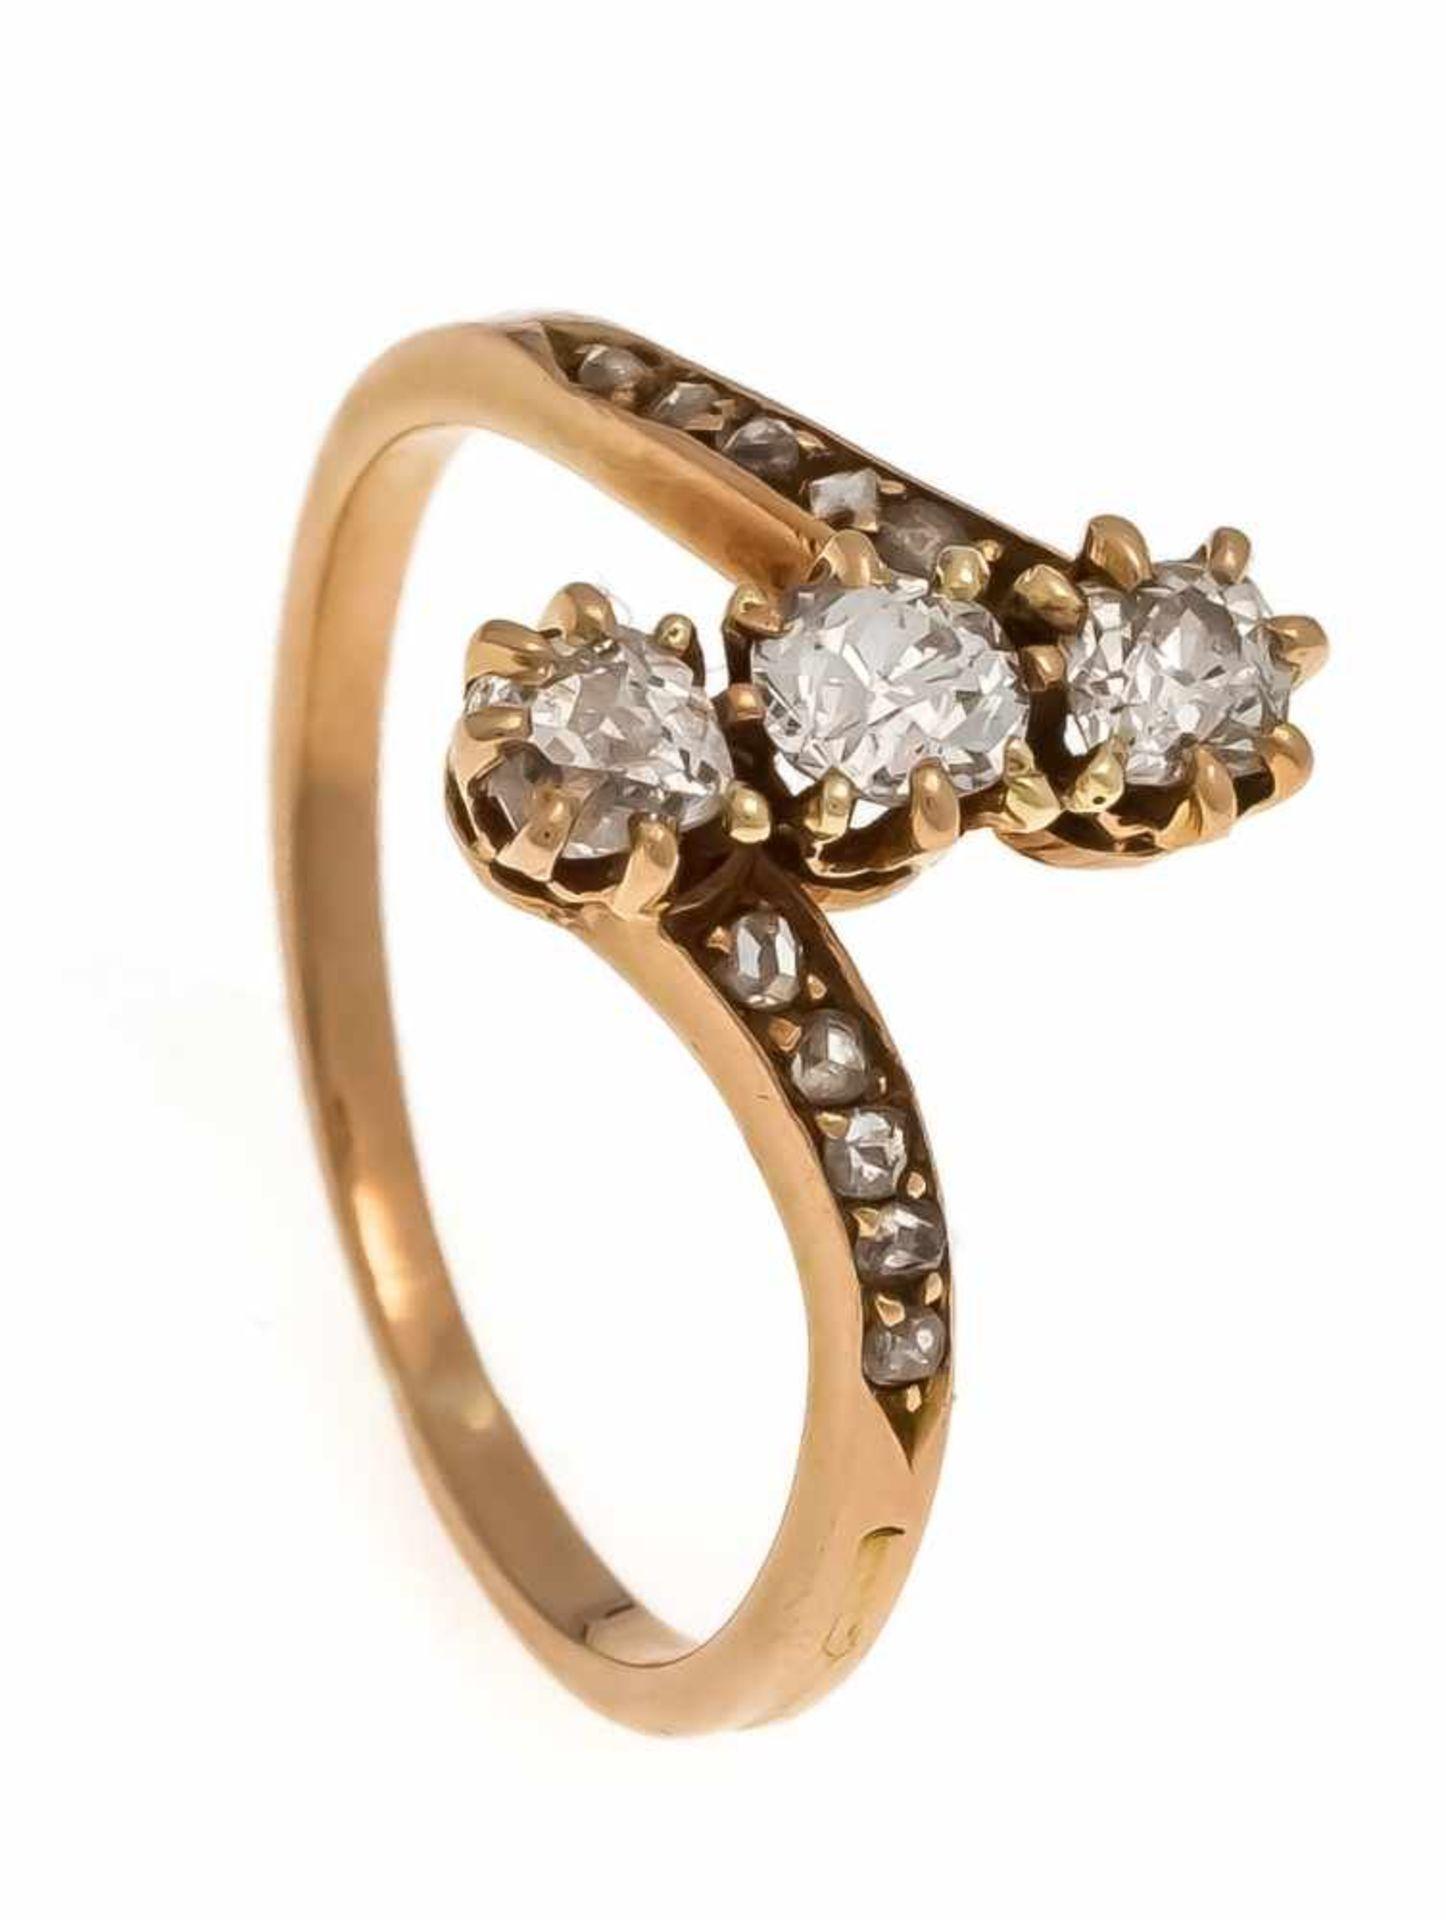 Altschliff-Diamant-Ring GG 585/000 ungest., gepr., mit 3 Altschliff-Diamanten, zus. 0,30 ct W/SI und